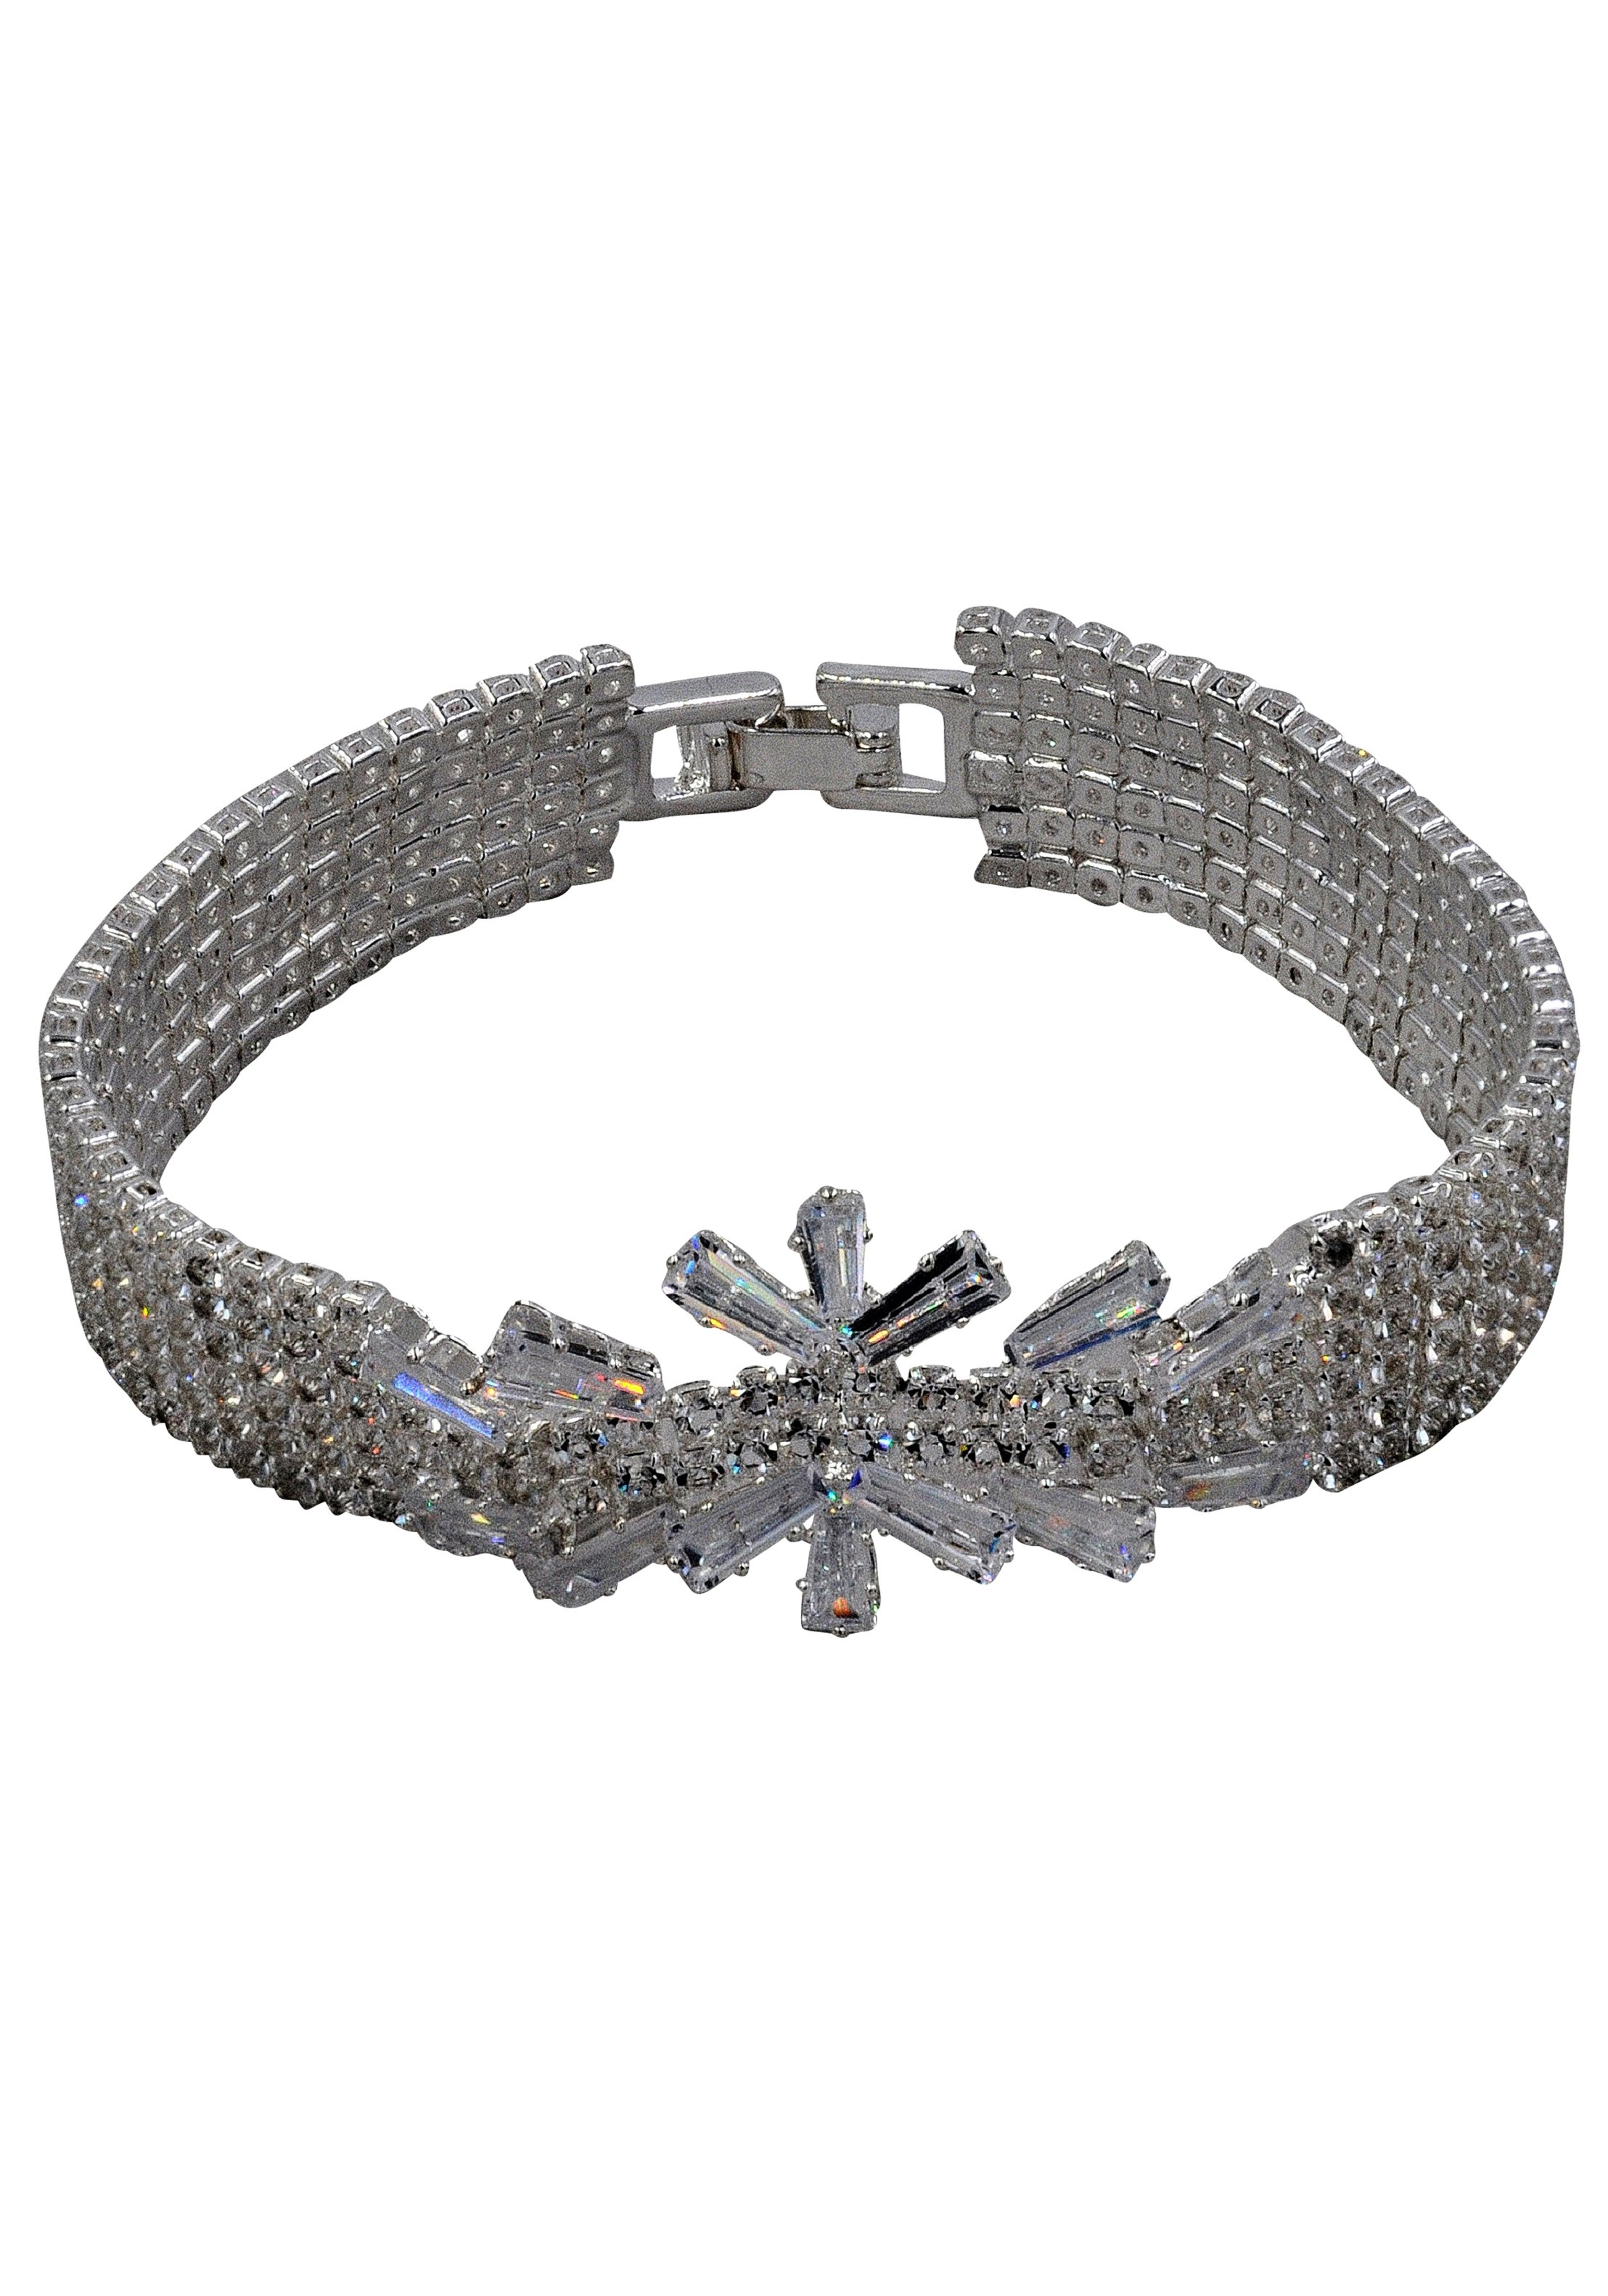 J.Jayz armband Elegant, glamoureus met glassteentjes goedkoop op otto.nl kopen